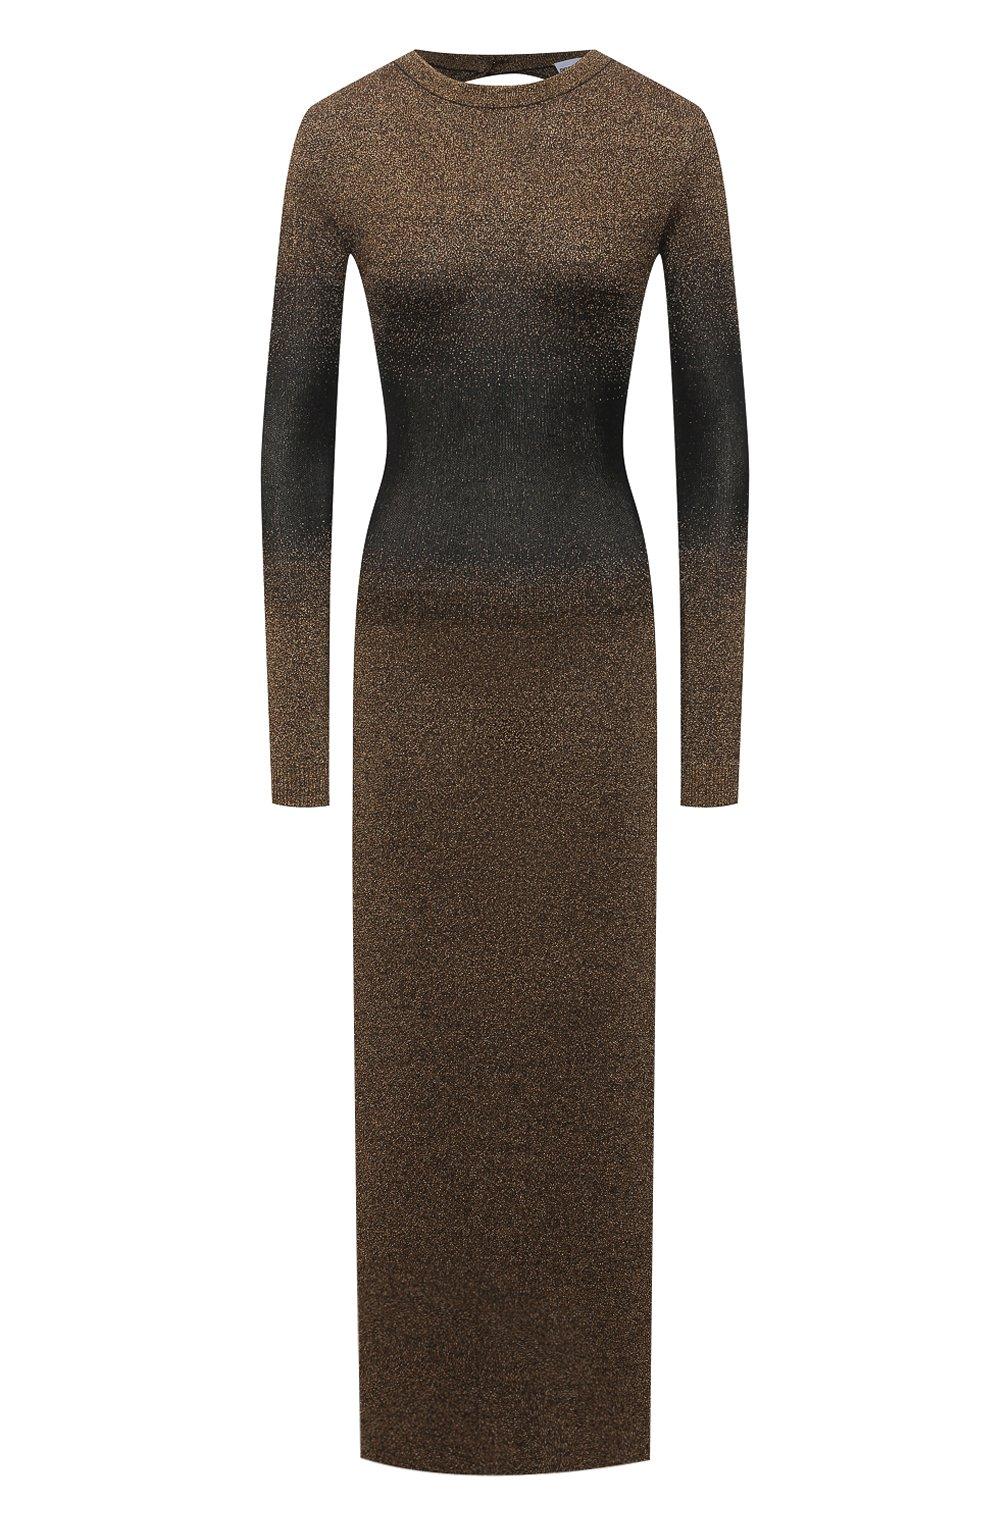 Женское платье PACO RABANNE бронзового цвета, арт. 21PMR0317ML0065 | Фото 1 (Рукава: Длинные; Стили: Гламурный; Случай: Вечерний; Материал внешний: Синтетический материал, Вискоза; Кросс-КТ: Трикотаж; Длина Ж (юбки, платья, шорты): Макси; Женское Кросс-КТ: Платье-одежда)